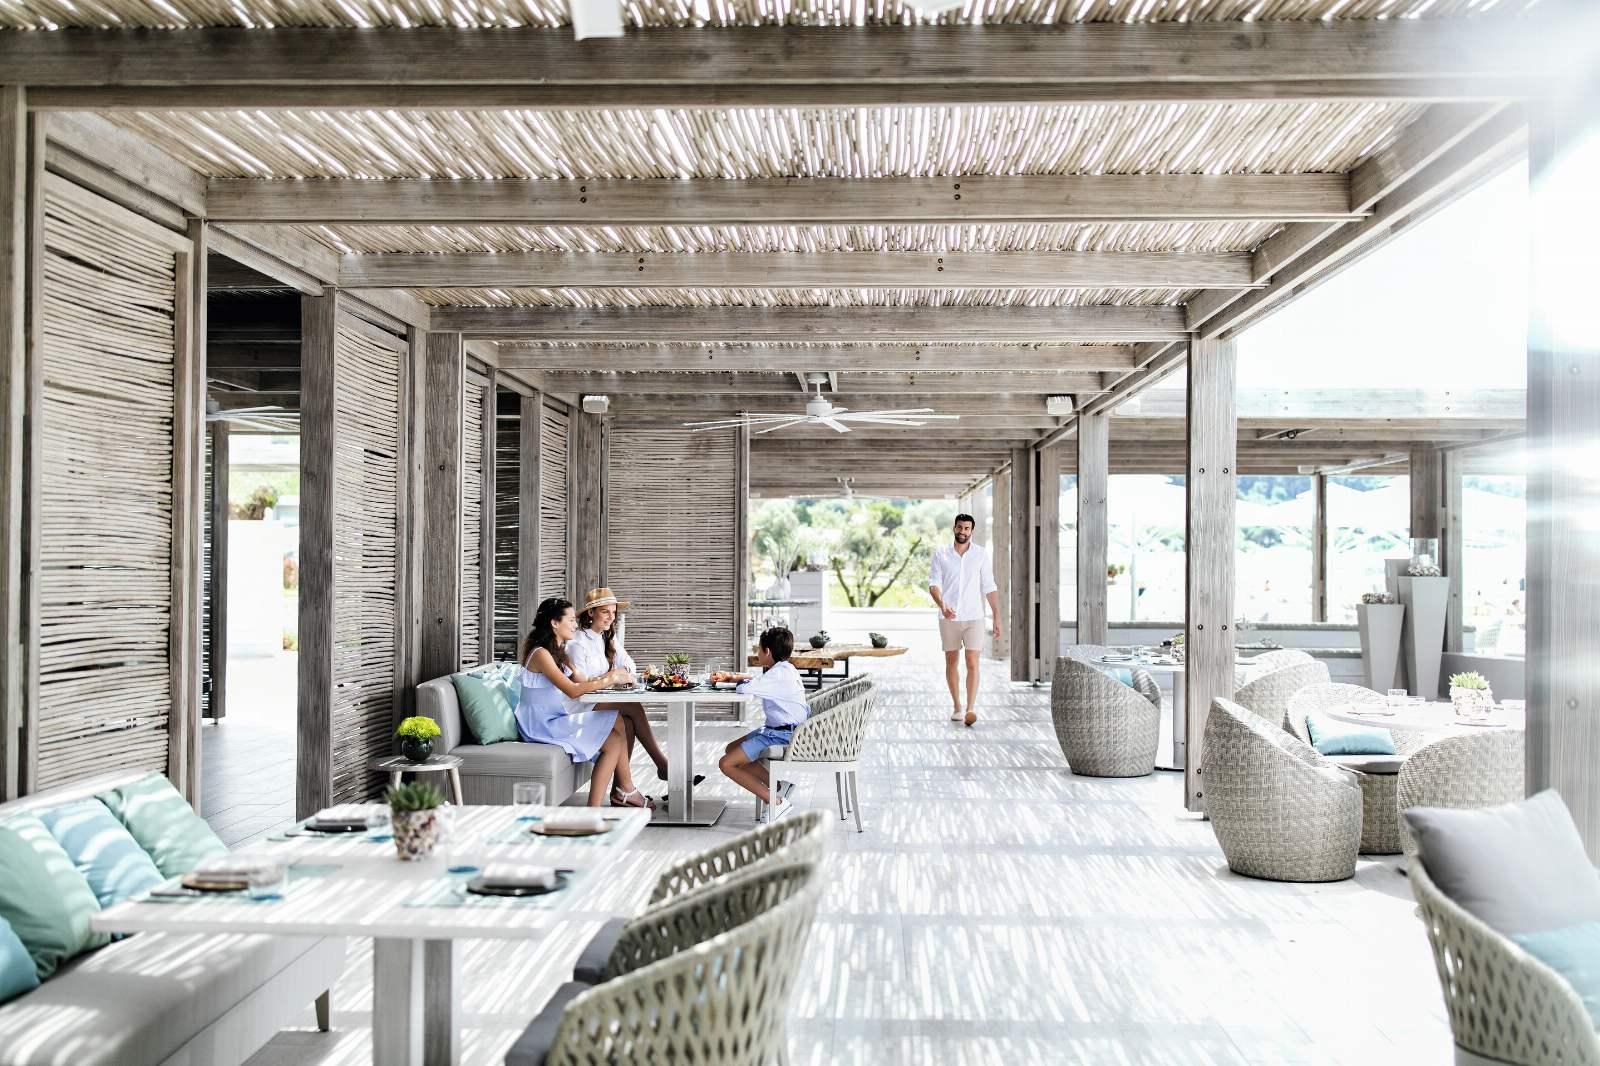 Sani Dunes Beach House